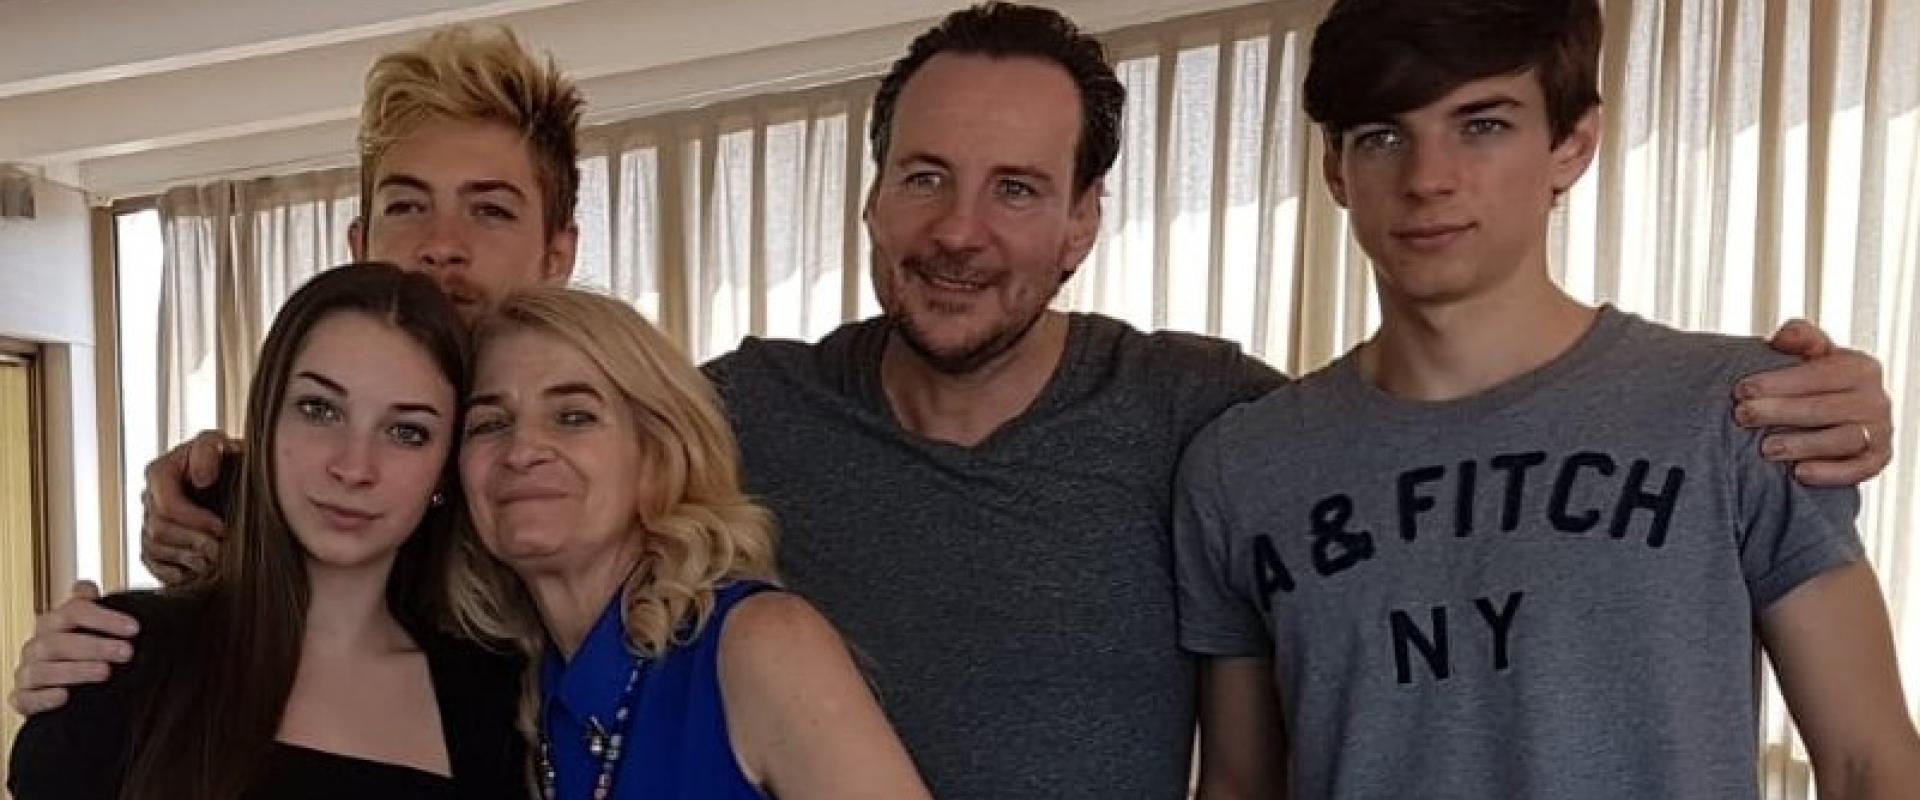 Loredana Pirrella con il marito Oscar e i tre figli